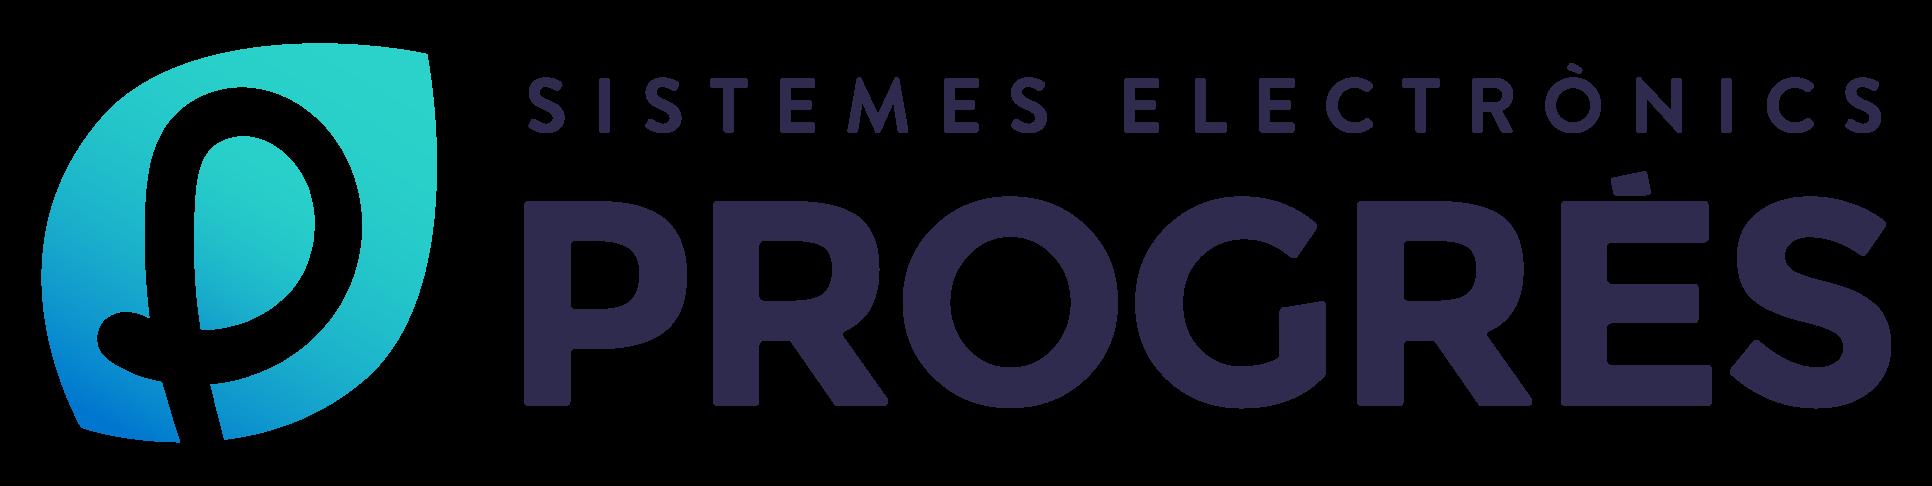 Sistemes Electrònics PROGRÉS - Apogee Instruments Integrator